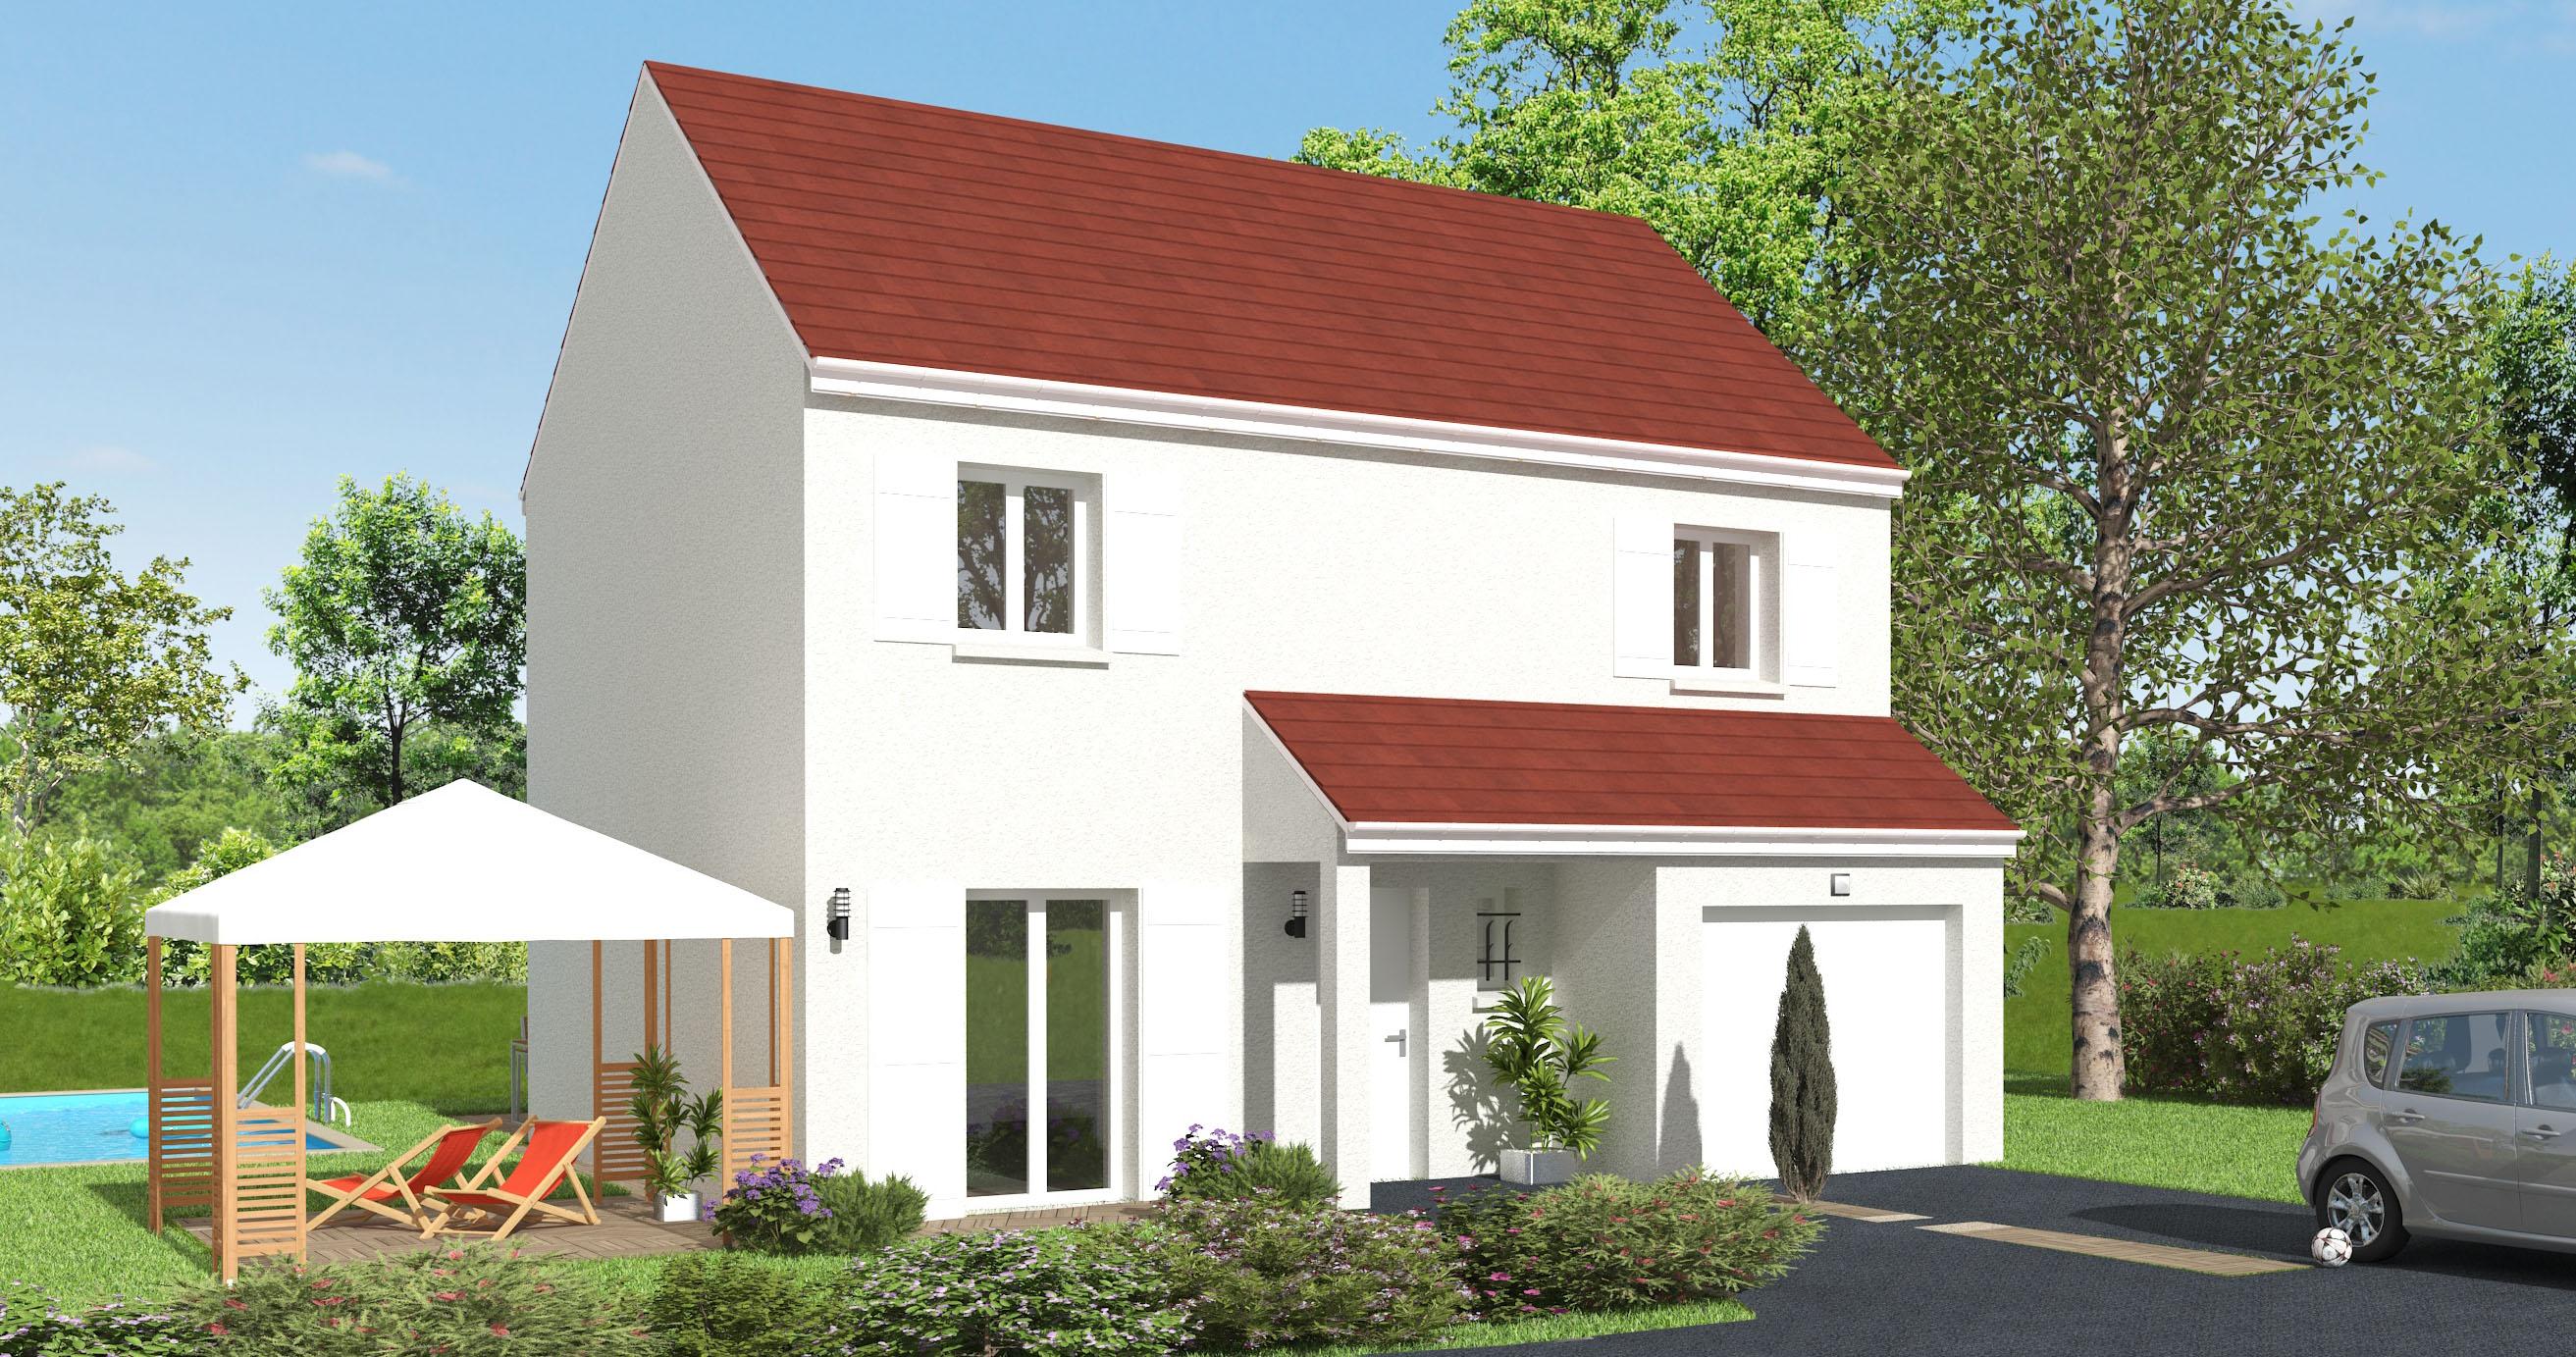 Maisons + Terrains du constructeur MAISON 7 SENS • 92 m² • BOURRON MARLOTTE